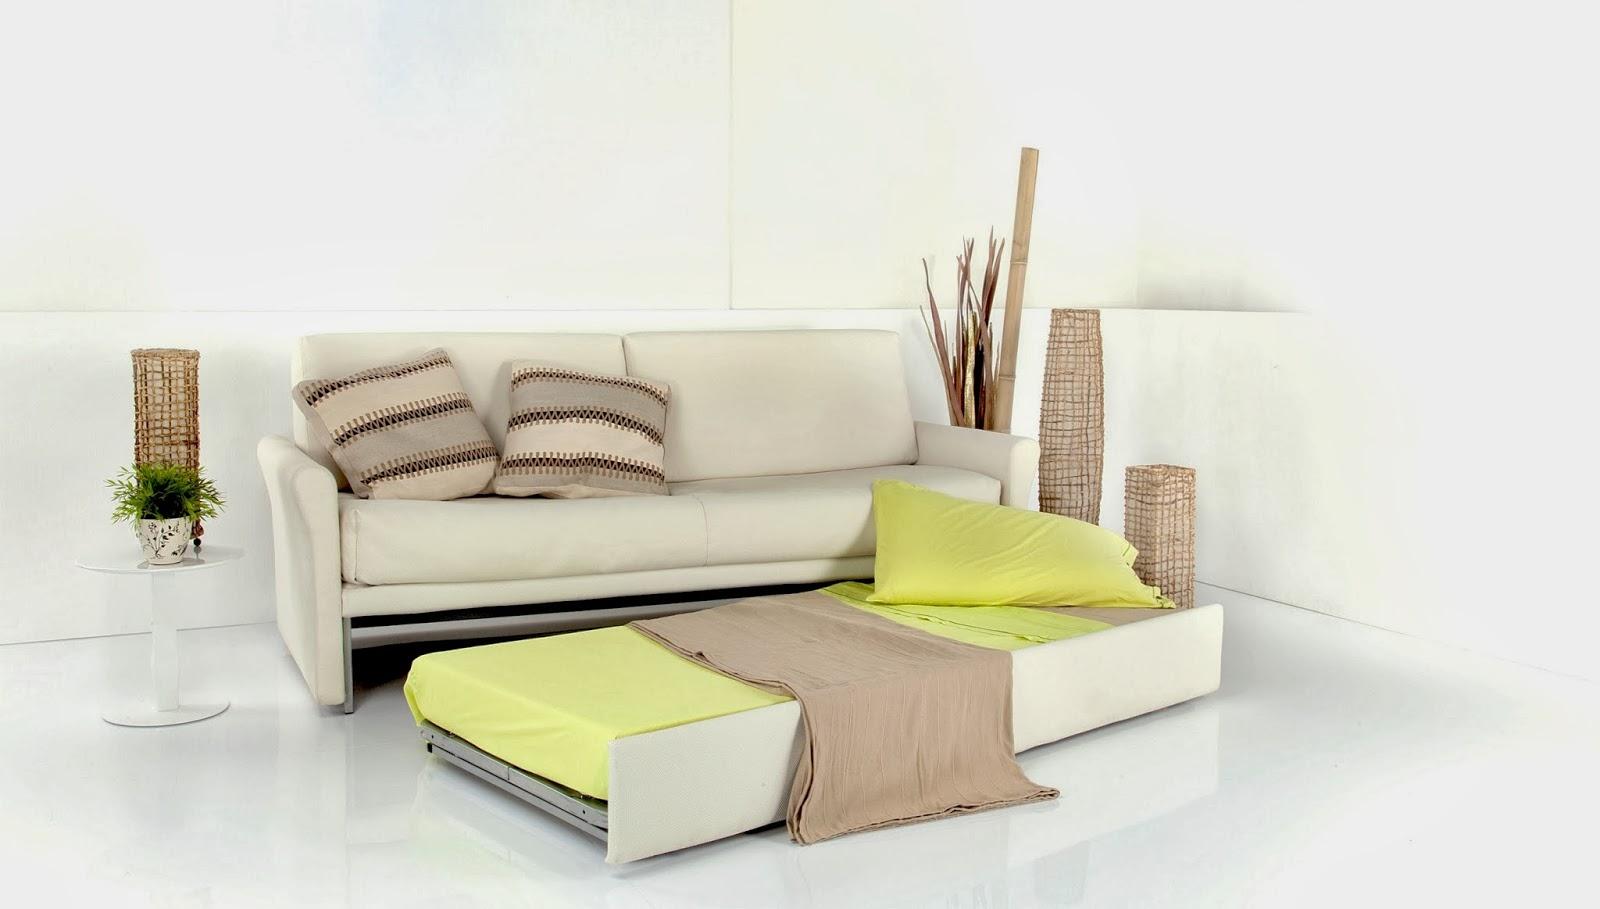 Letto A Scomparsa Con Divano Ikea : Ikea divano letto singolo doppio letto singolo estraibile a